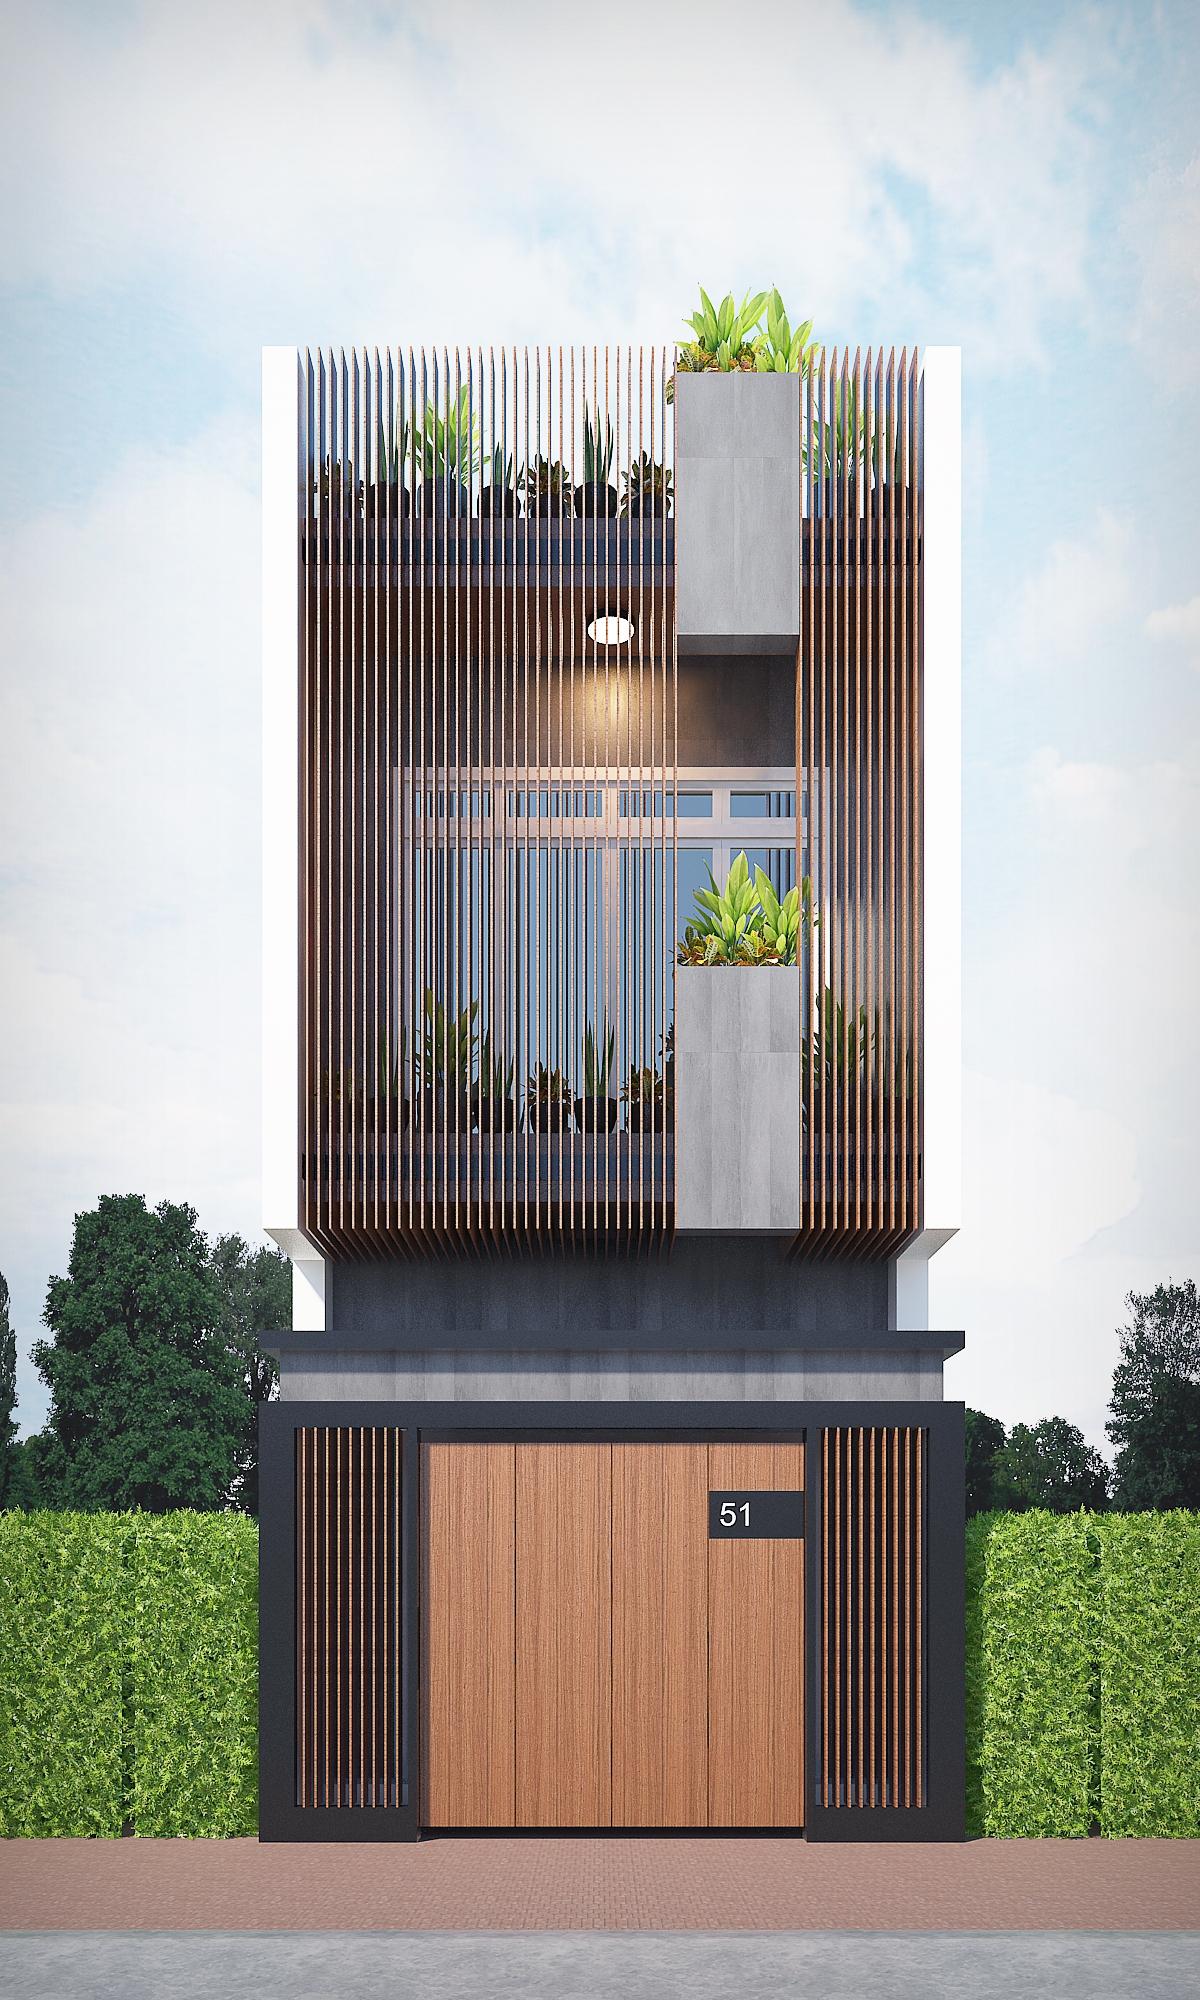 Ban công trồng nhiều cây xanh là cách tạo điểm nhấn được ưa chuộng trong thiết kế không gian đẹp